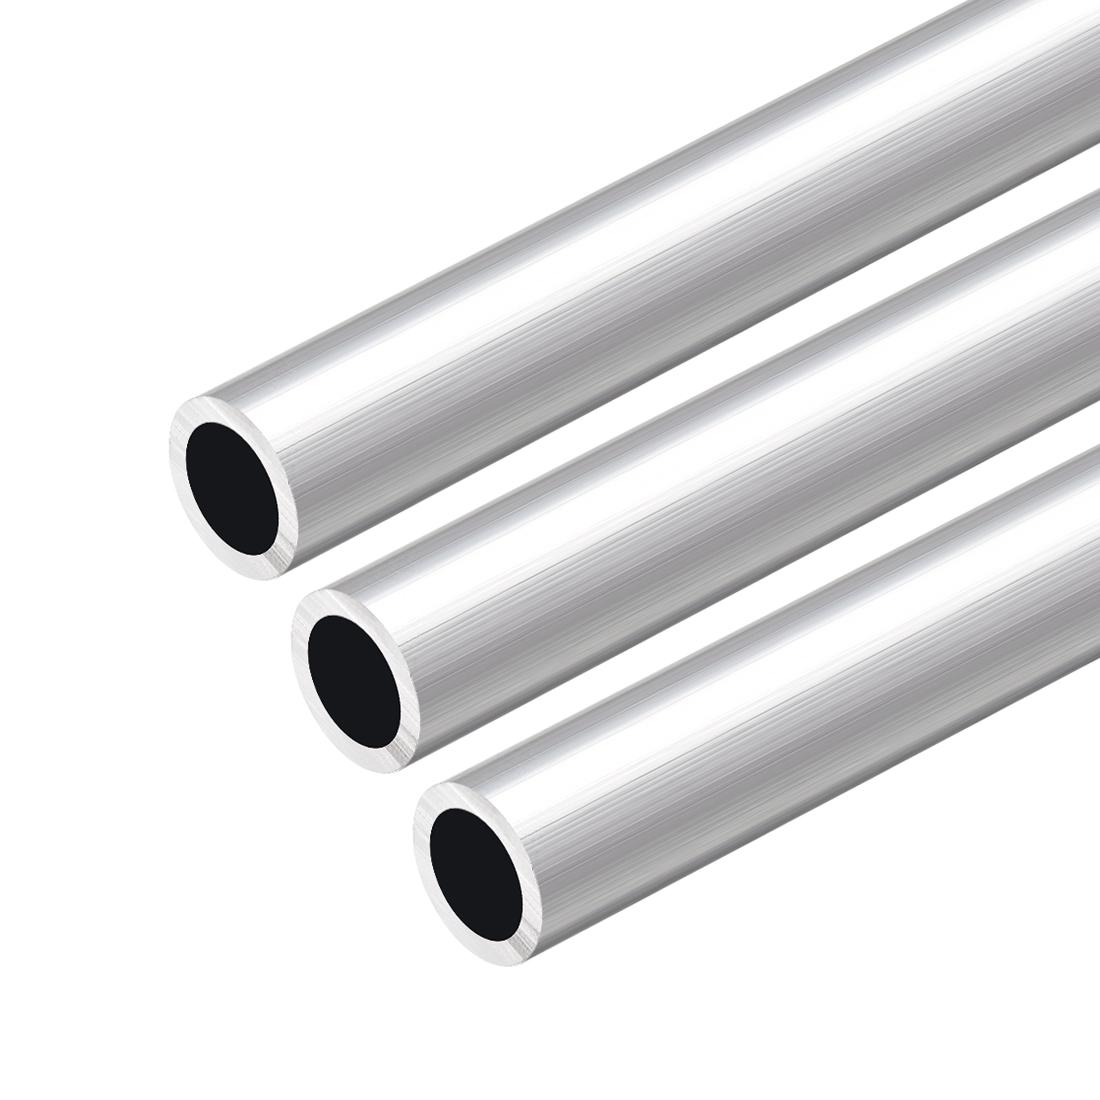 6063 Aluminum Round Tube 300mm Length 16mm OD 12mm Inner Dia Seamless Tube 3 Pcs